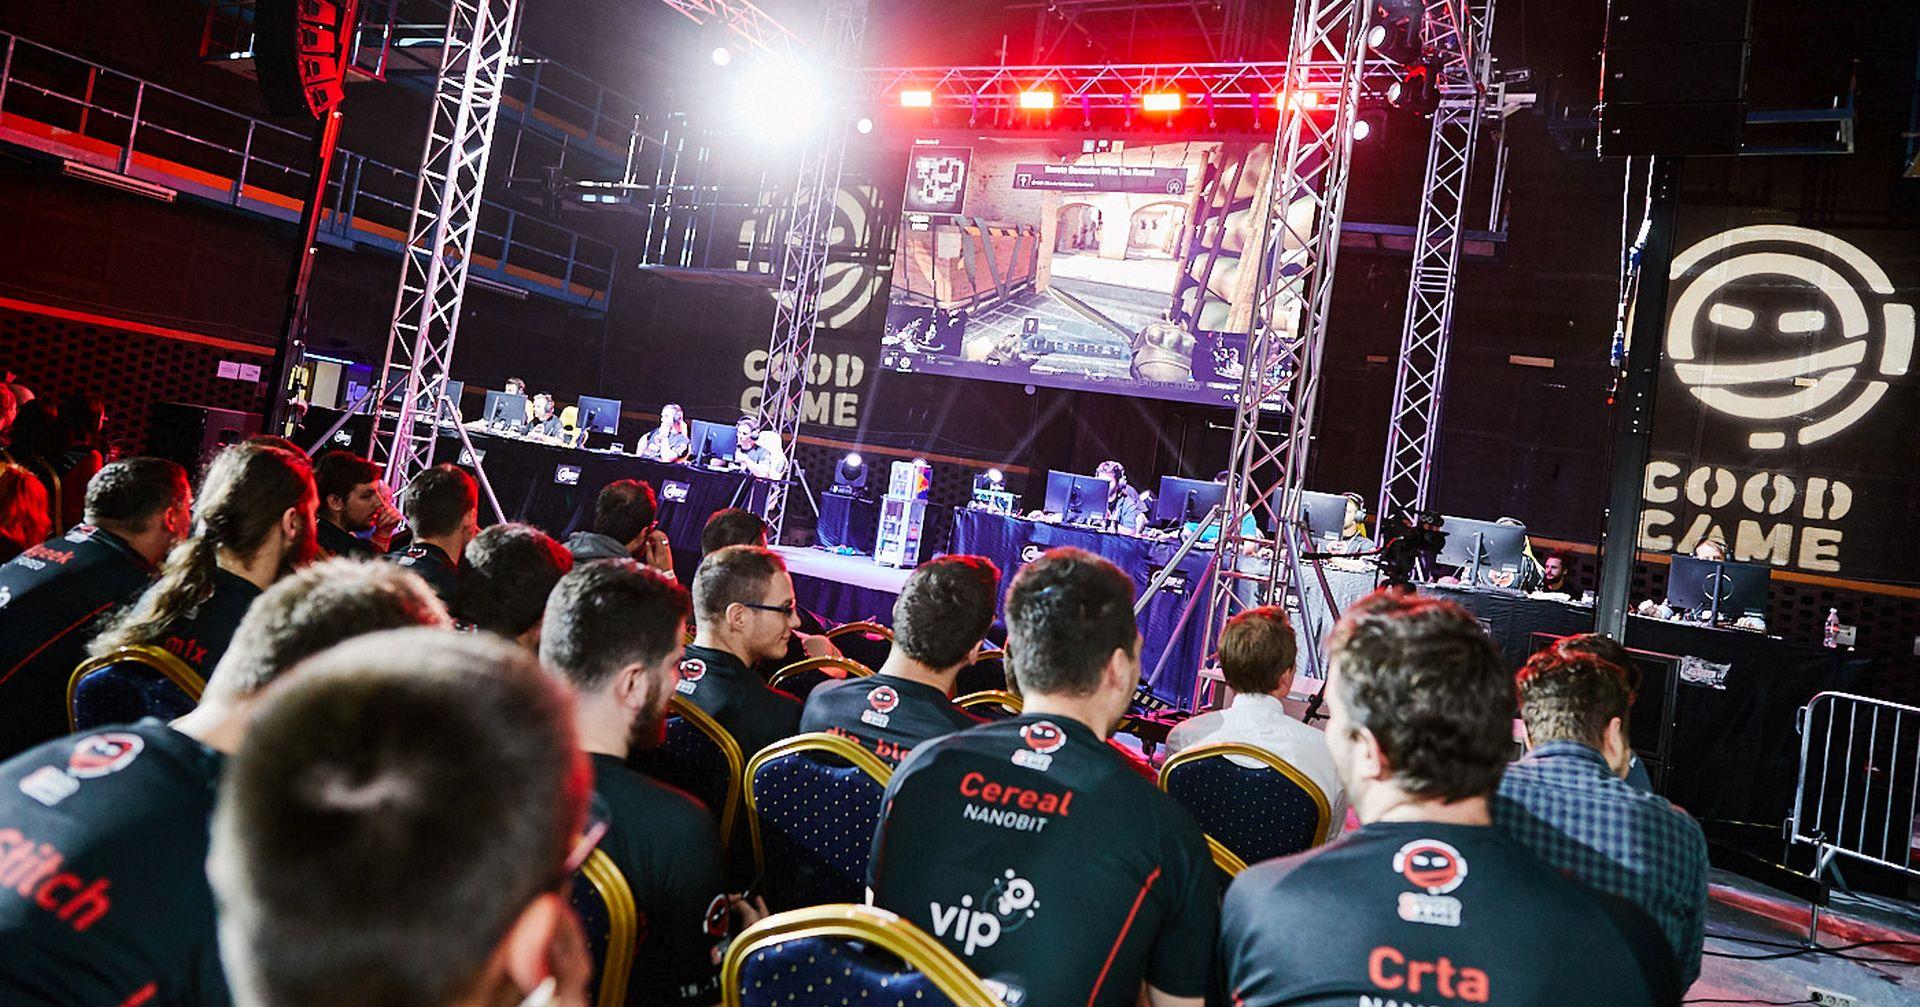 Završen treći humanitarni gaming turnir, prikupljeno 100 tisuća kuna